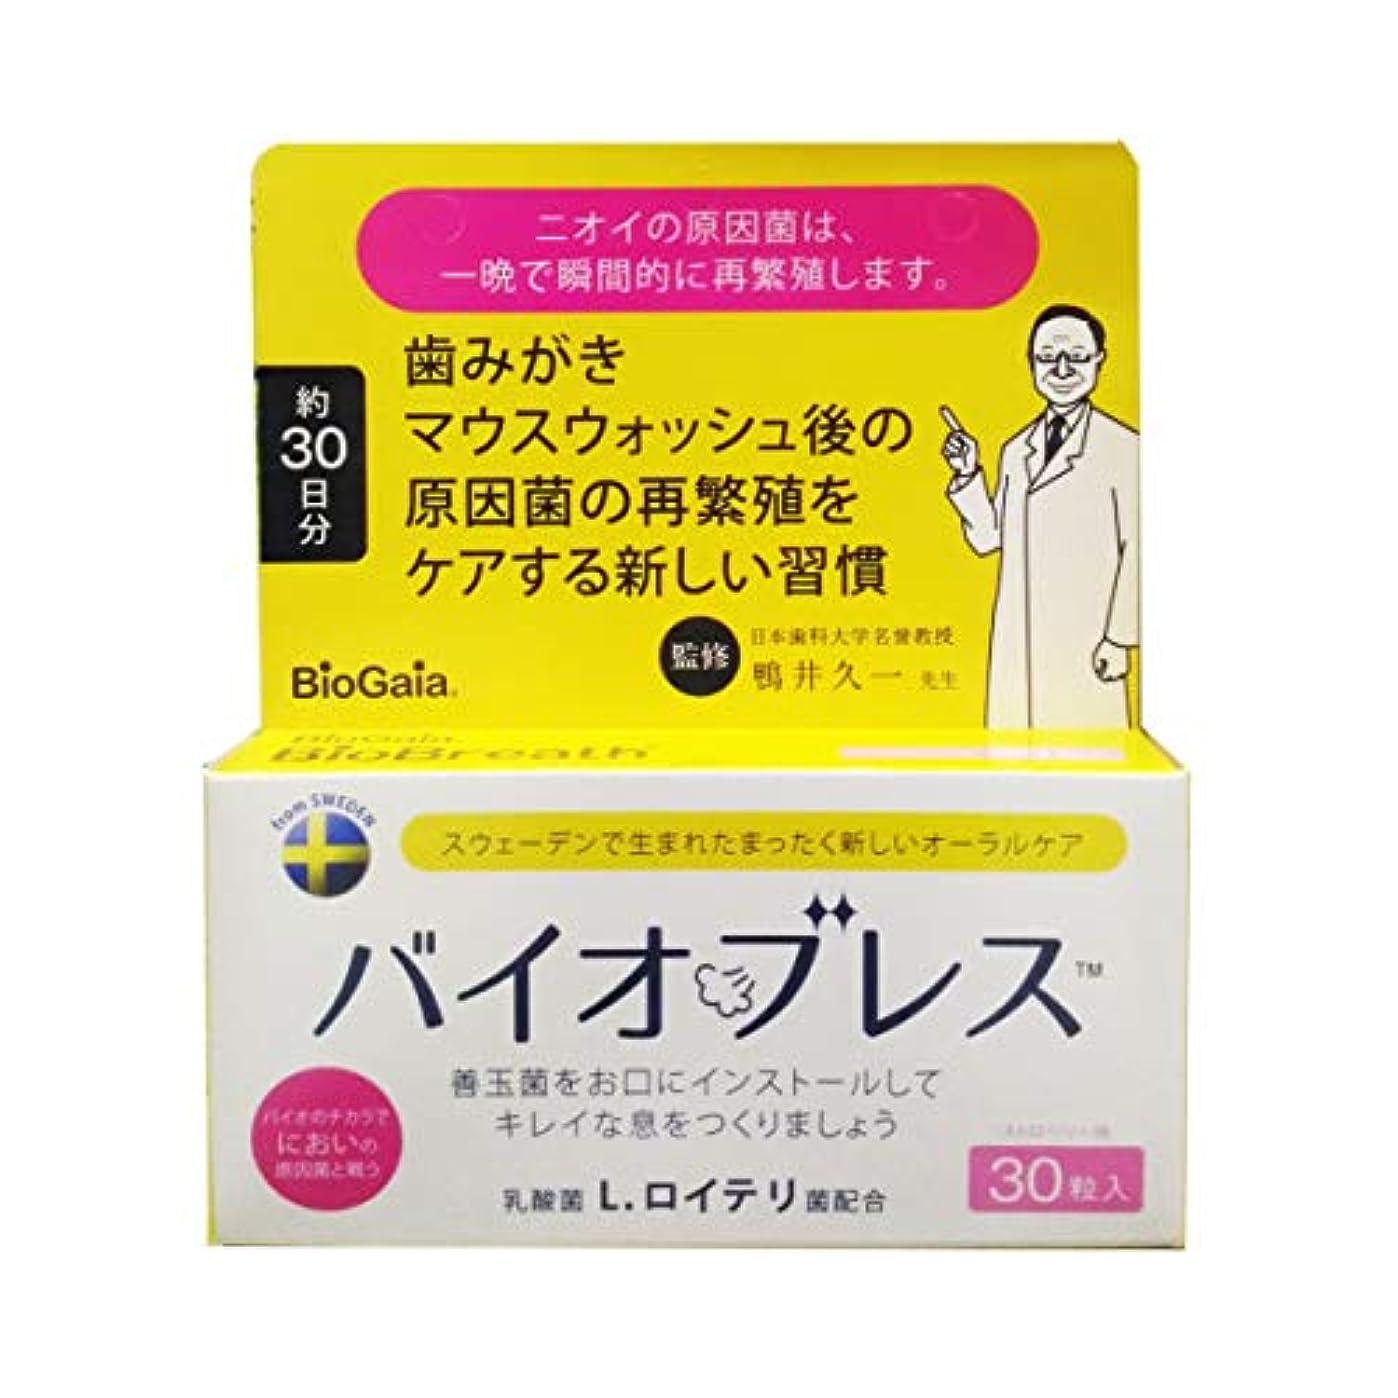 にんじん恐ろしい多用途バイオブレス ストロベリー味 30粒入